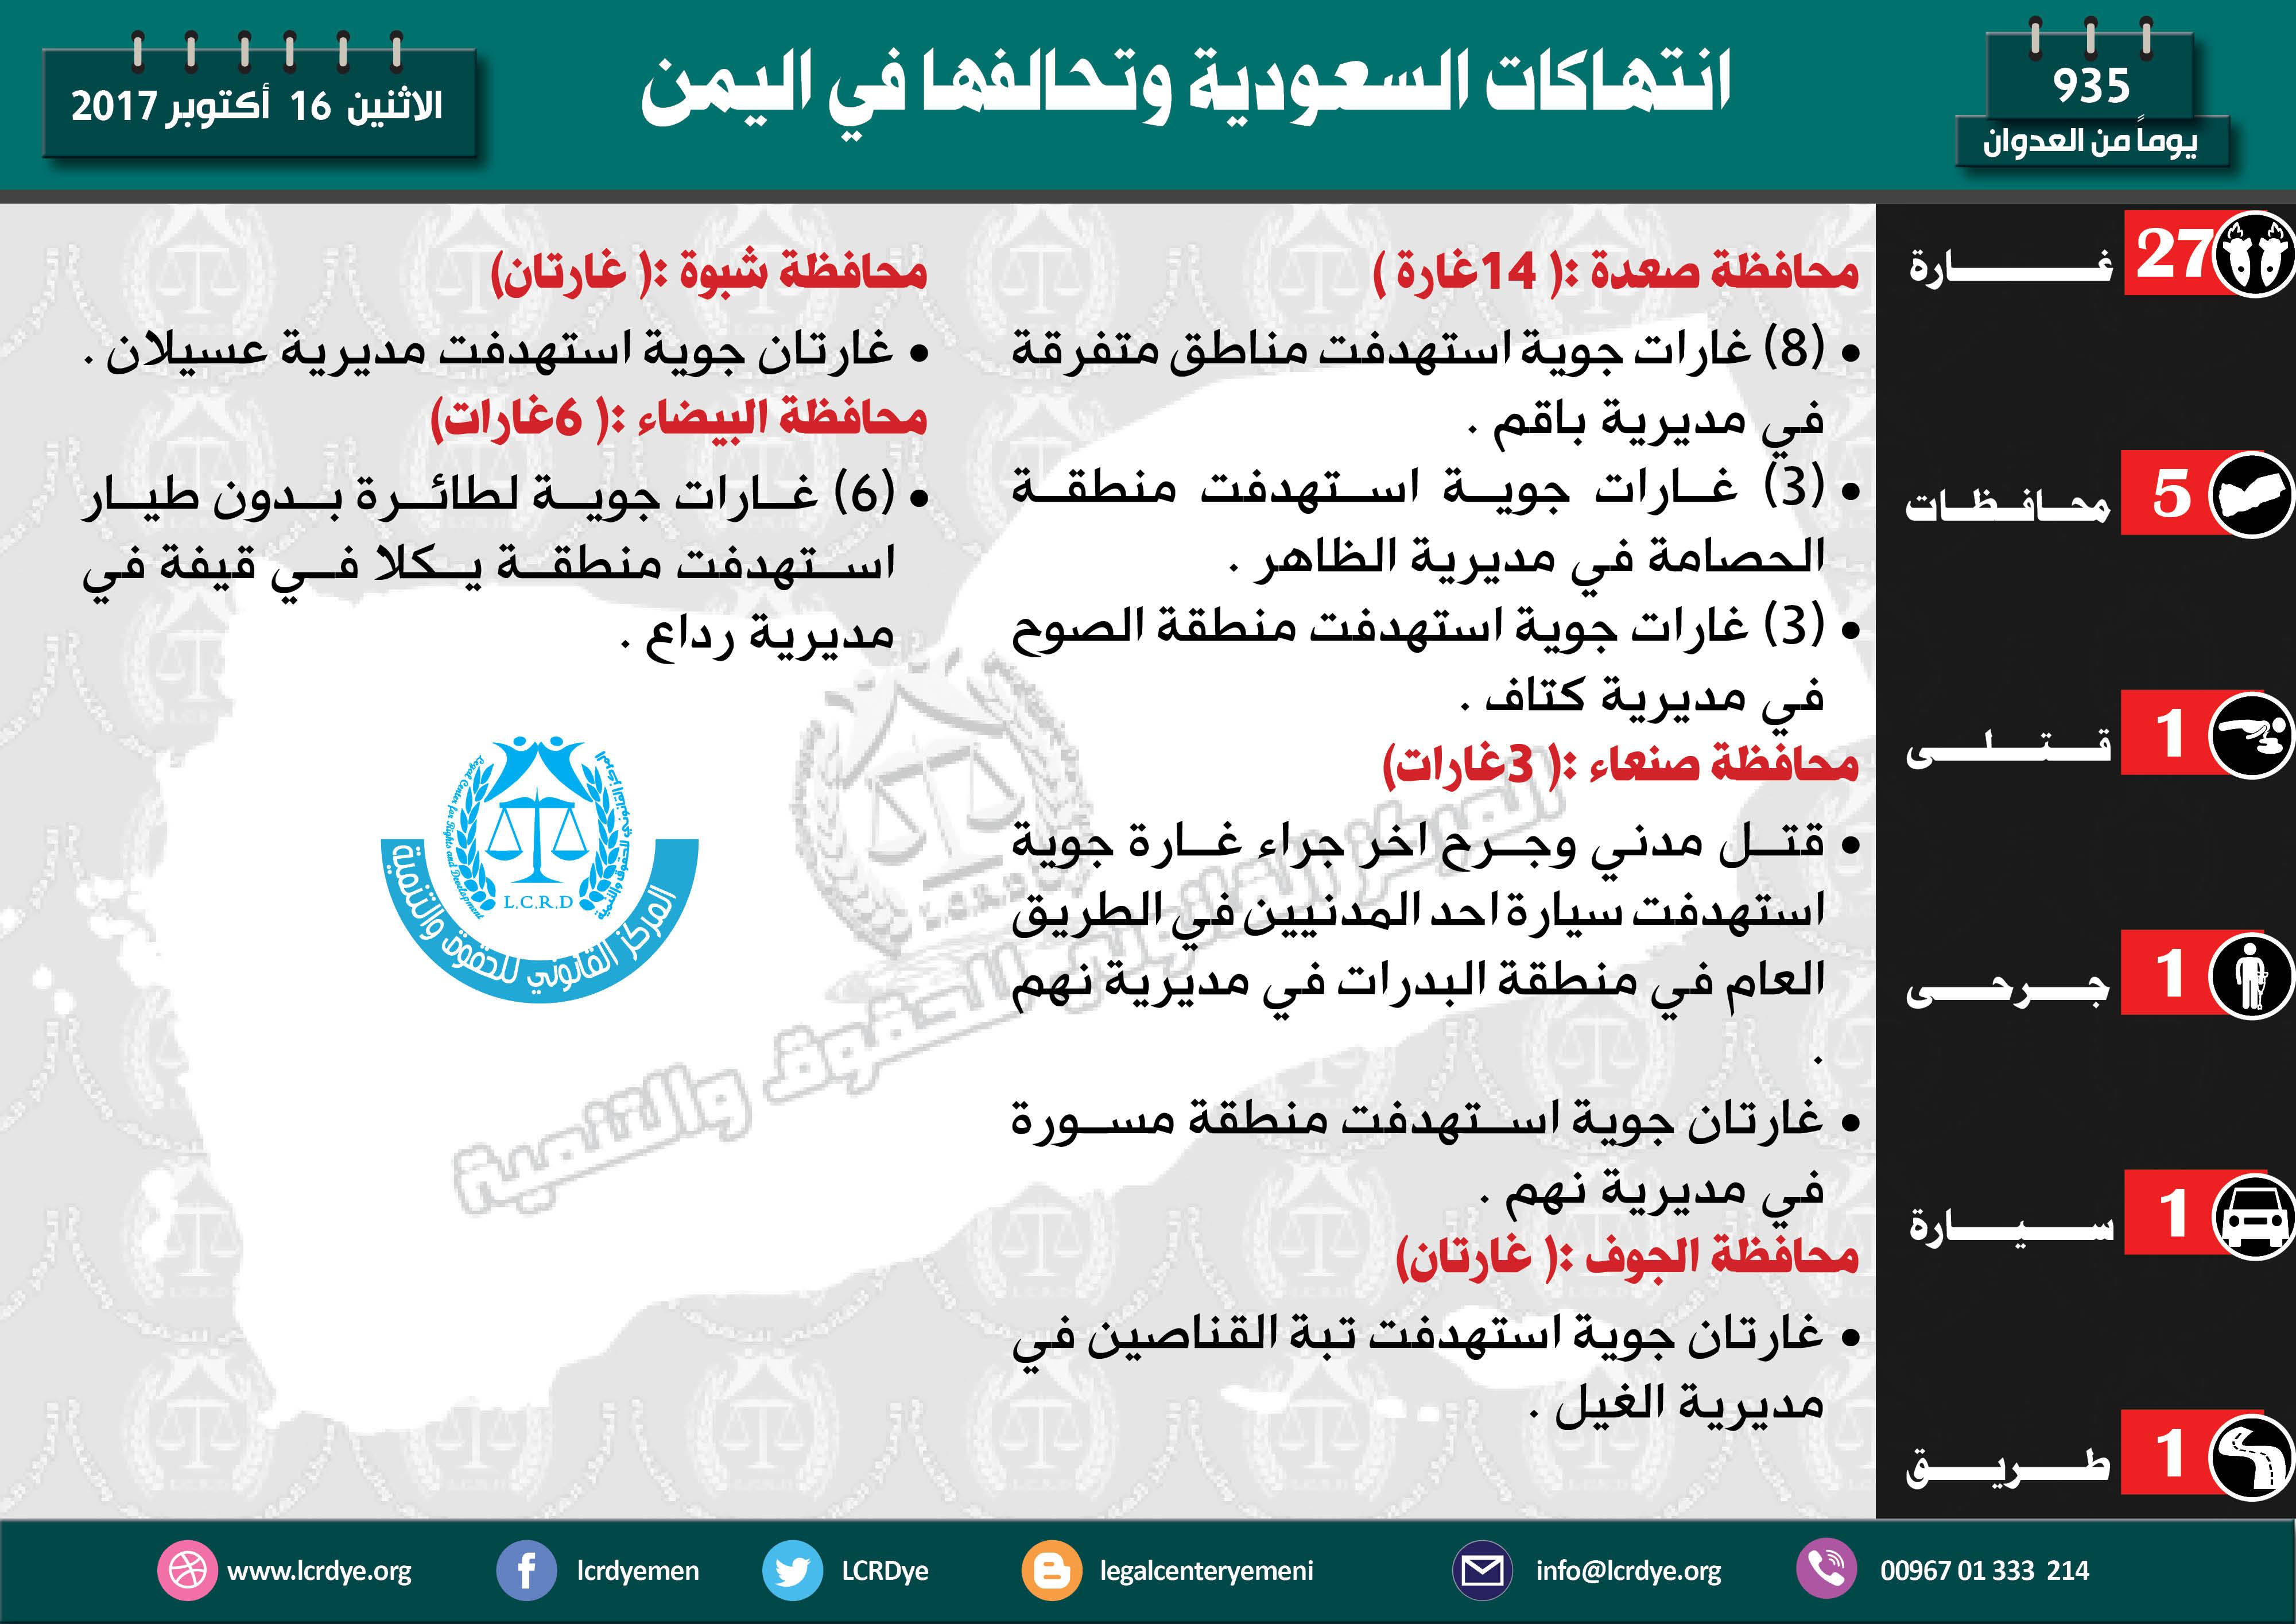 انفوجرافيك عربي16 اكتوبر